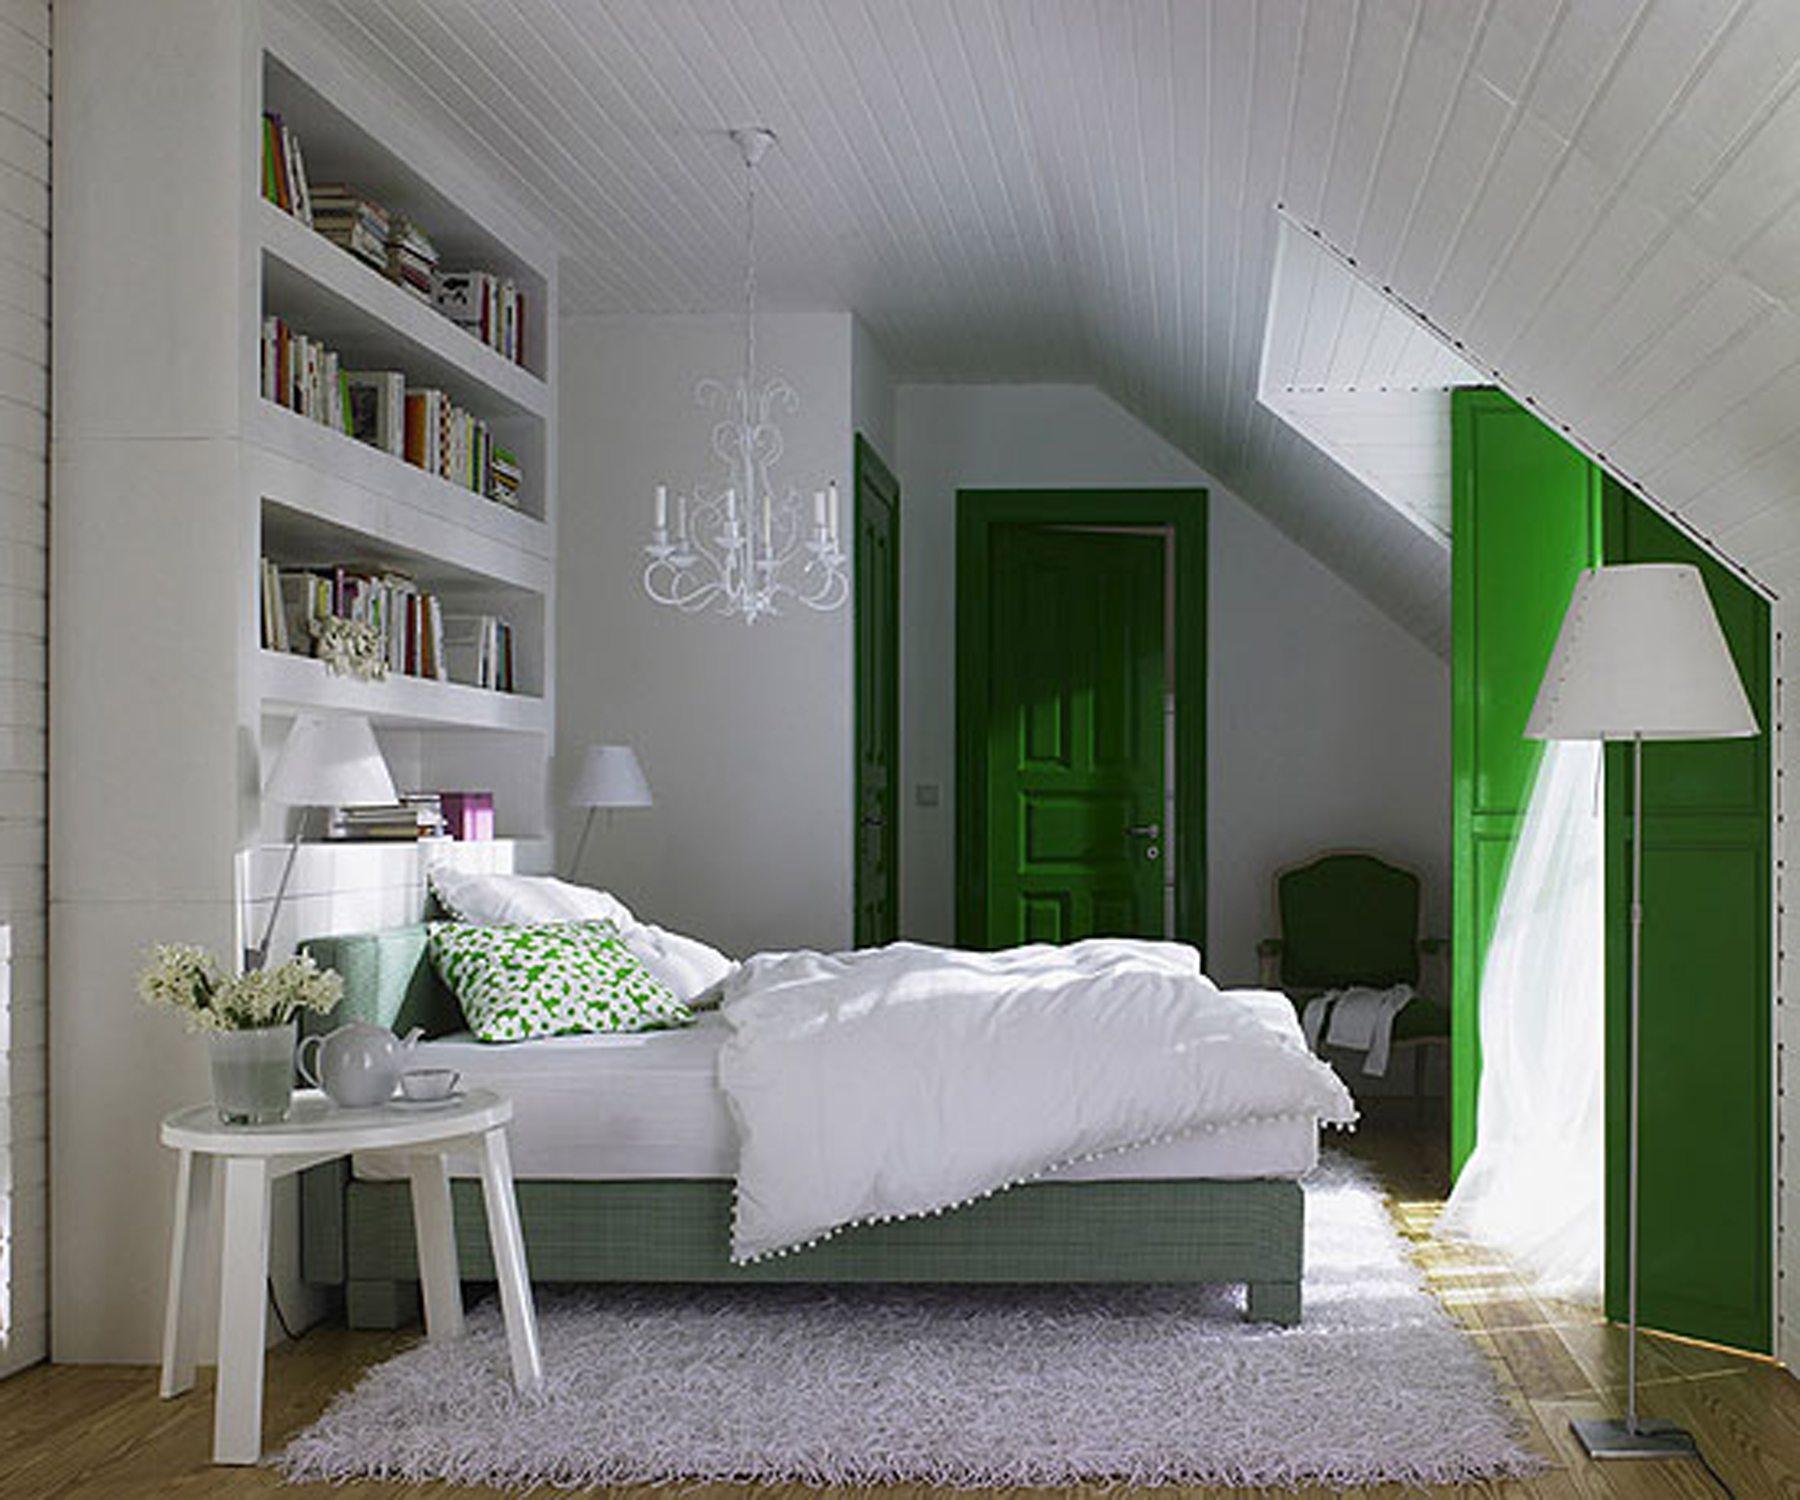 Фото комнаты отдыха в мансарде, выполненной в белых тонах с ярко-зелеными элементами.